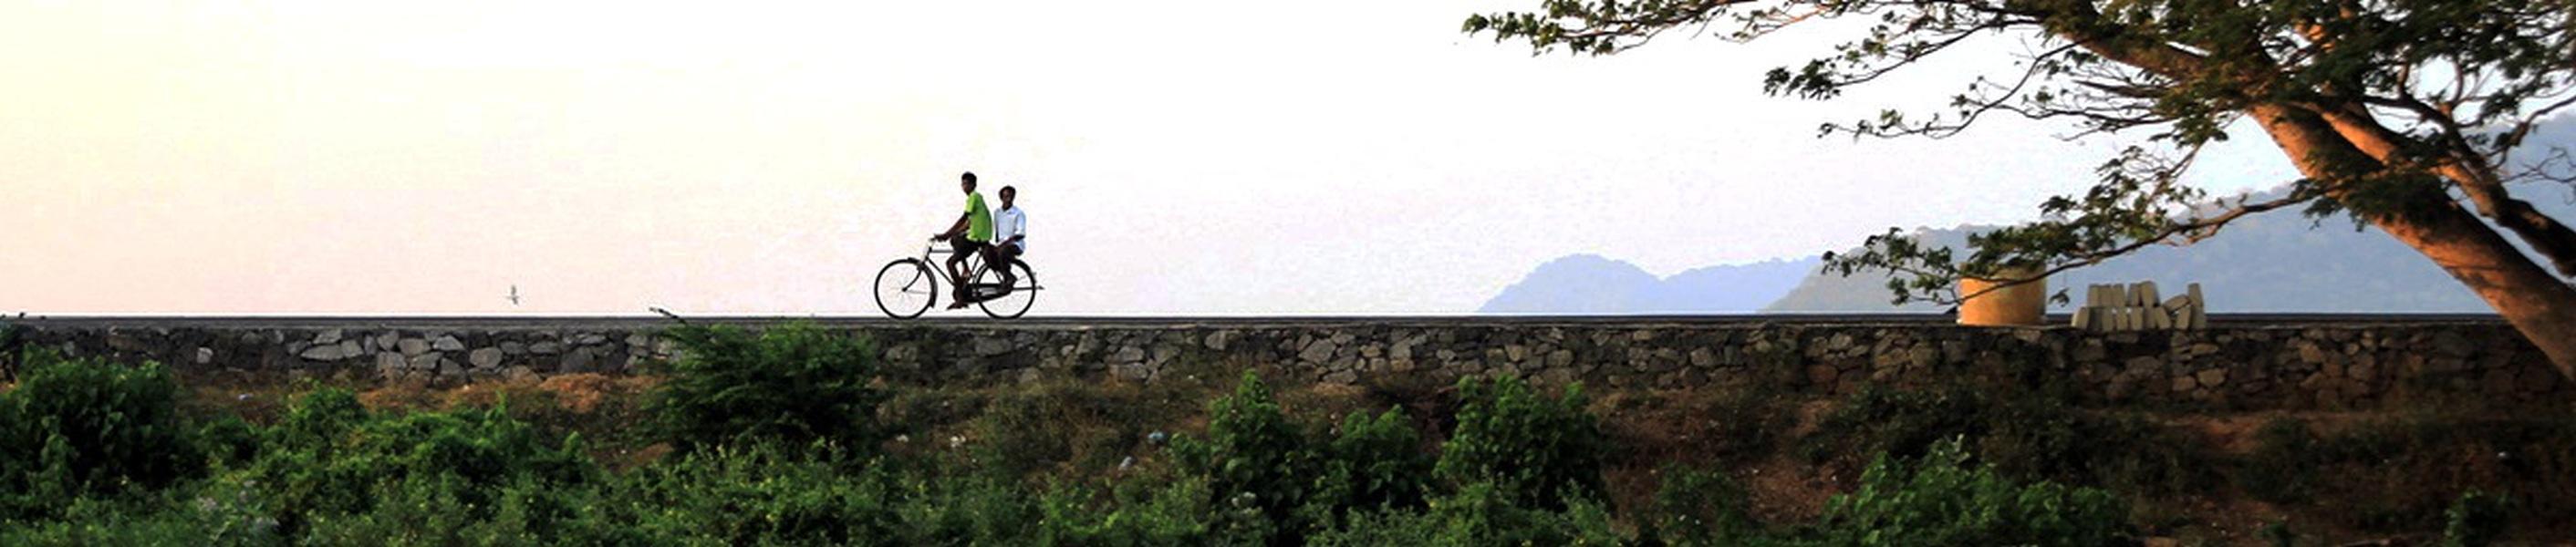 Fahrradtour Suedostasien